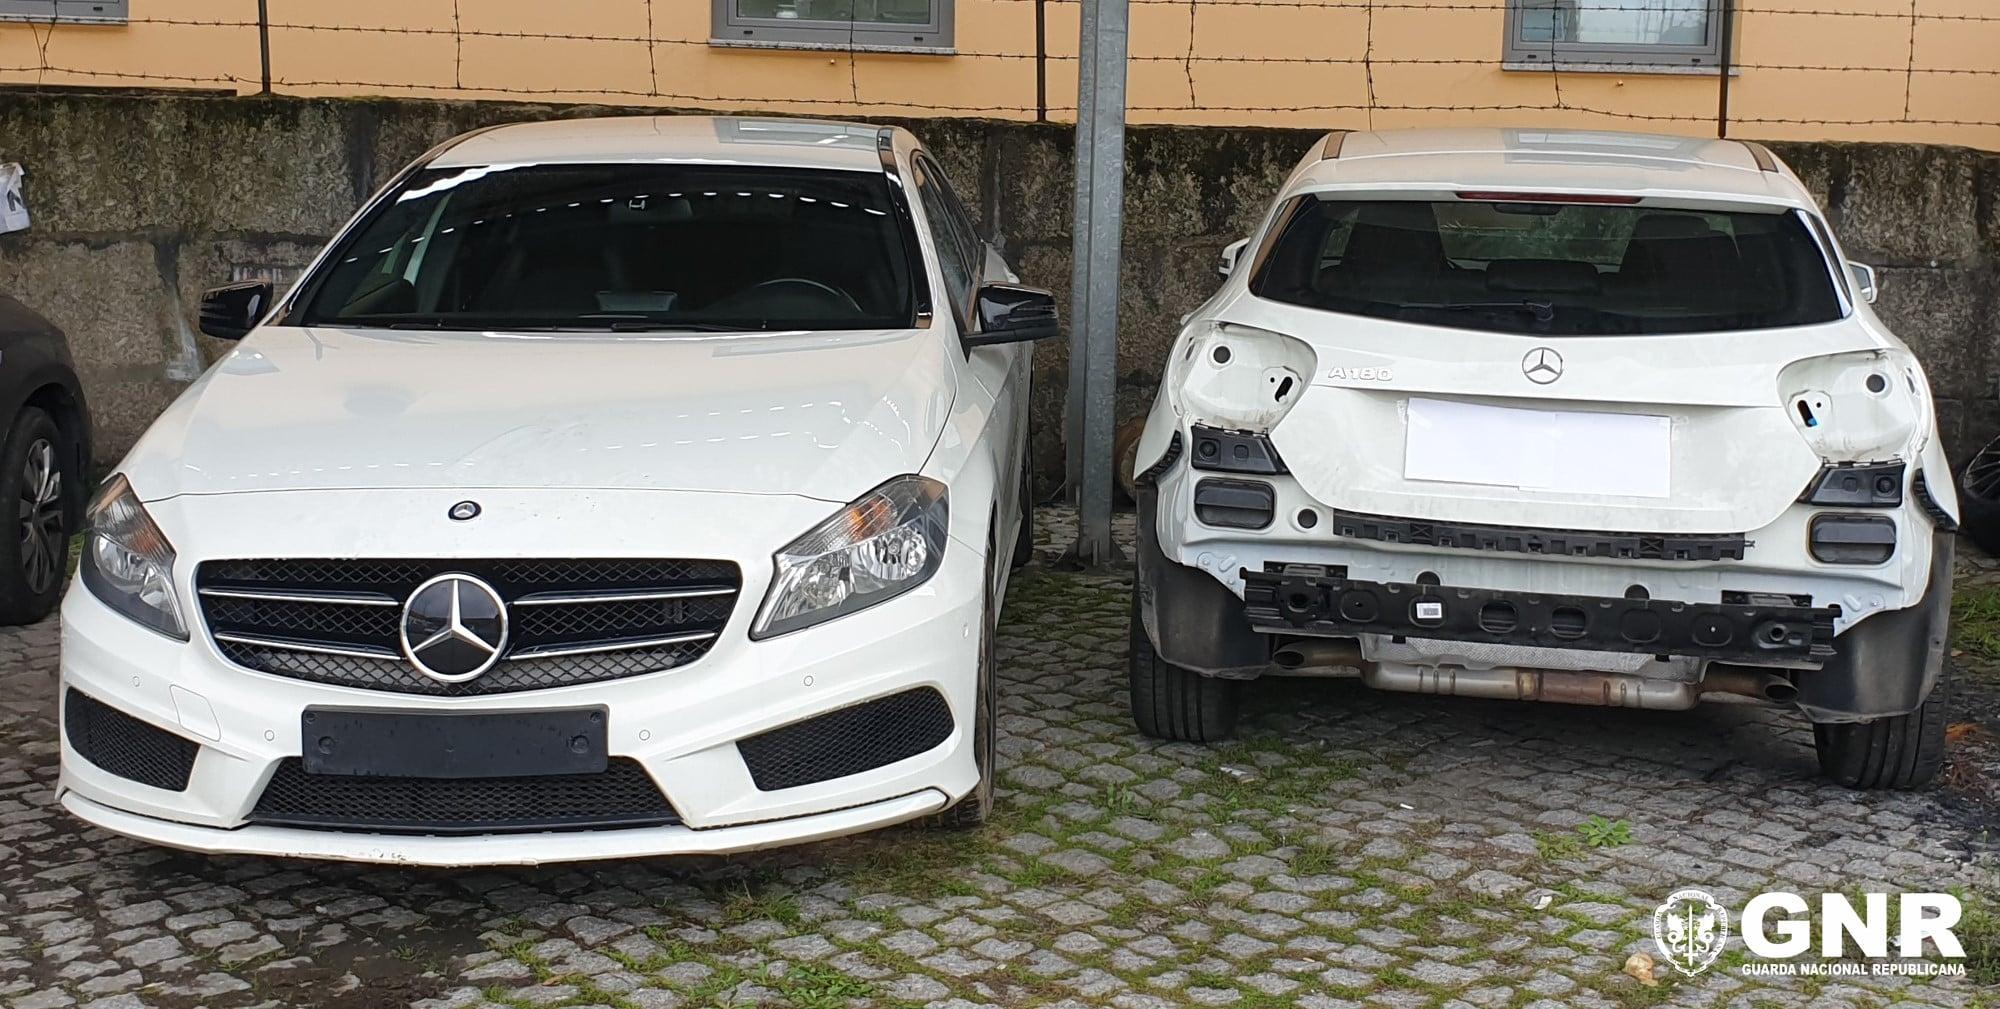 Paços de Ferreira: Caso de violência doméstica leva à apreensão de armas e carros furtados